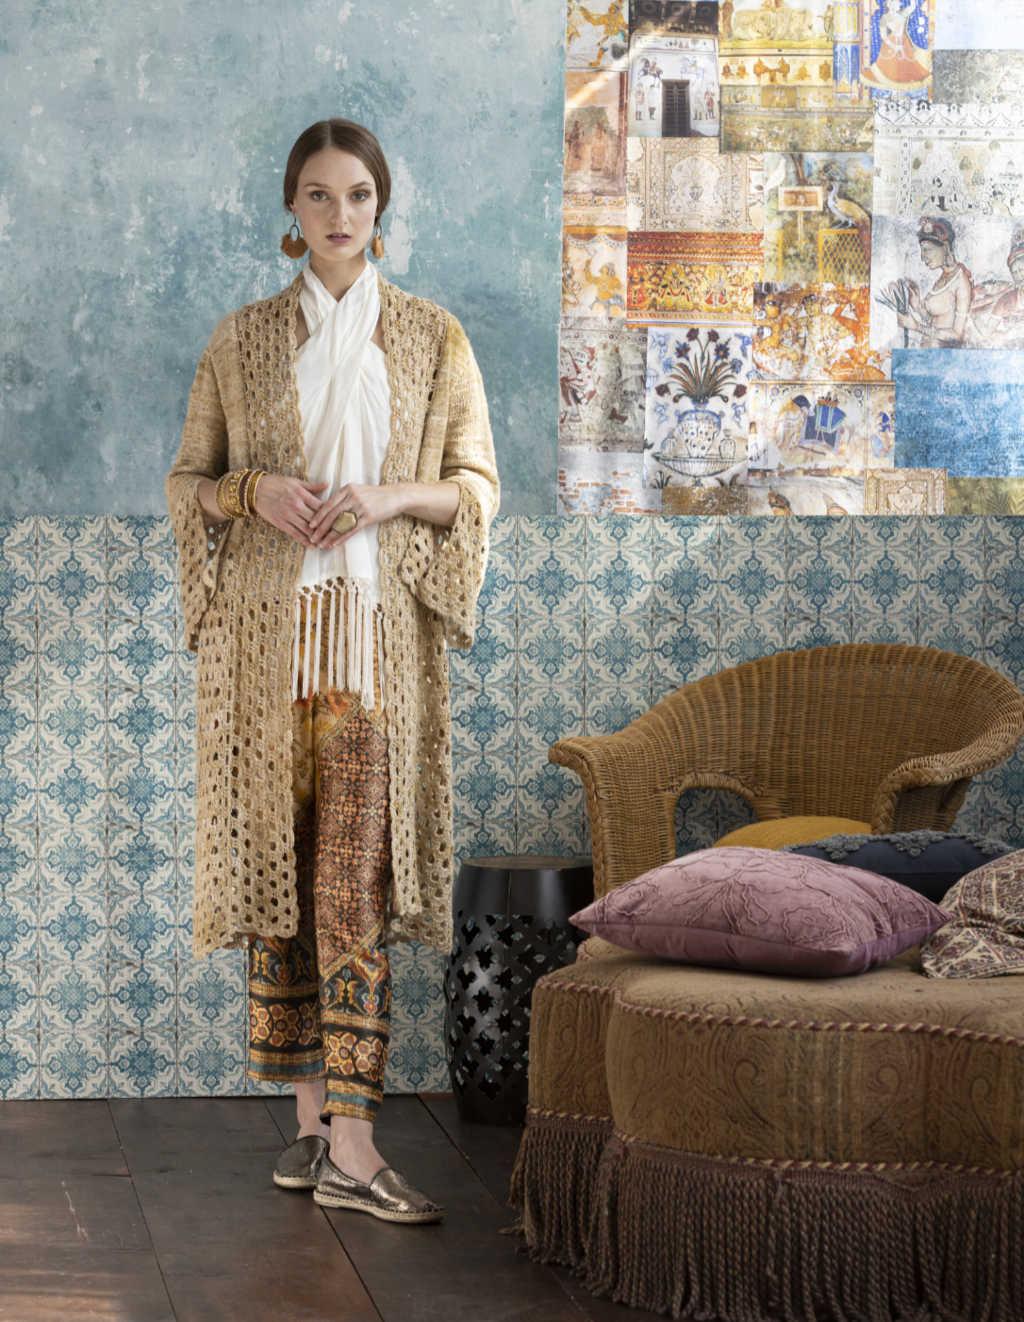 Staging mit dem Knit & Crochet Coat by Katrin Walter aus Noro Kumo #15. Man sieht gut die Ärmelschlitze. Foto: Noro Magazine 16